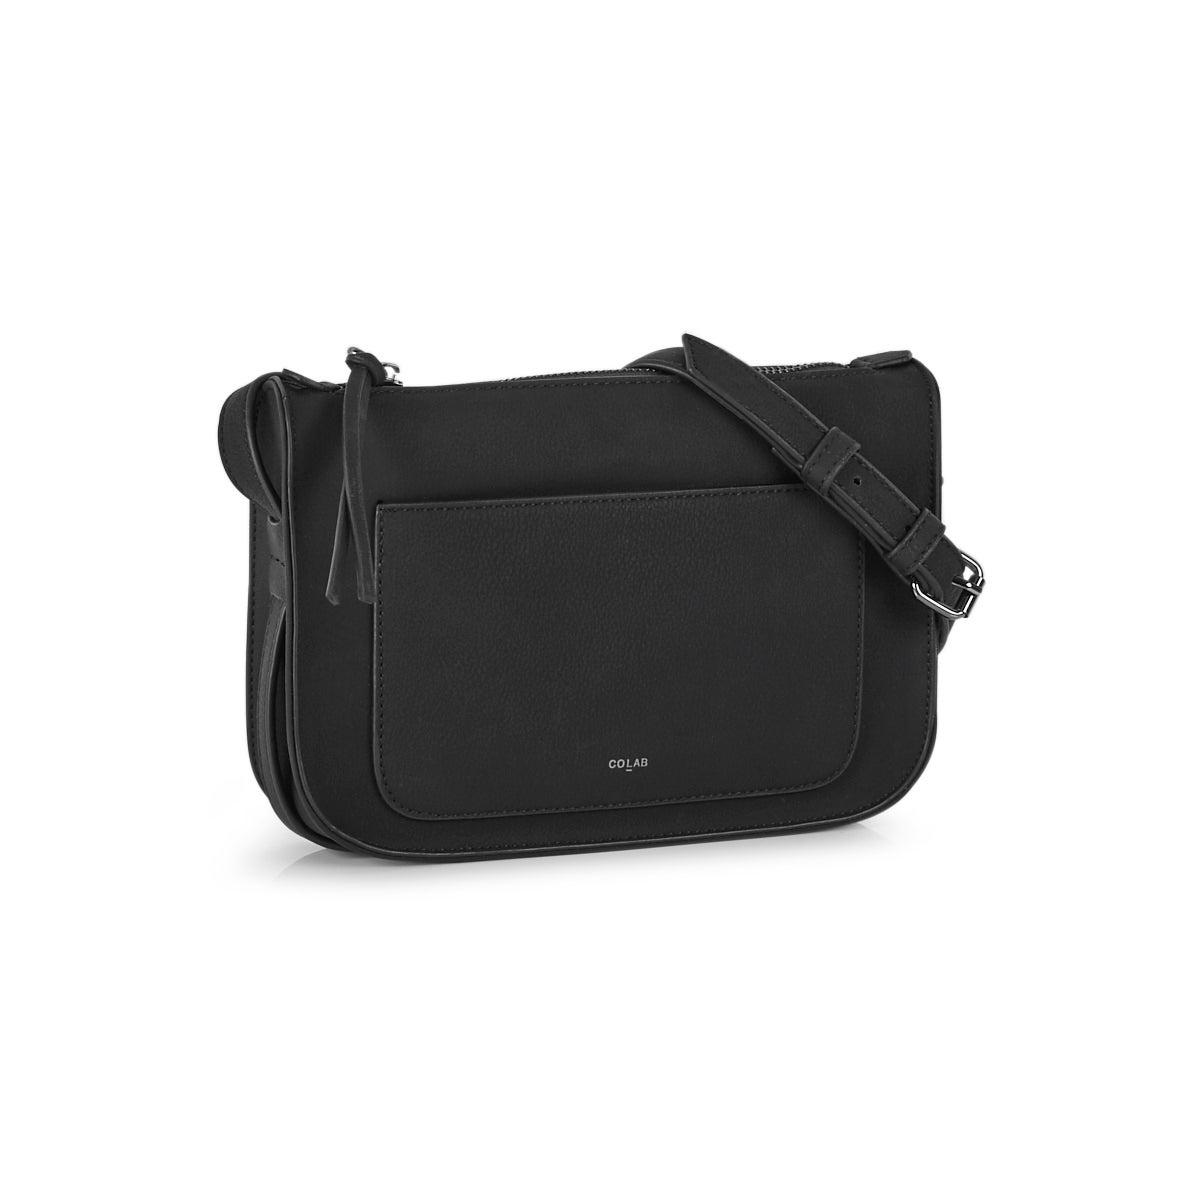 Lds black top zip cross body bag